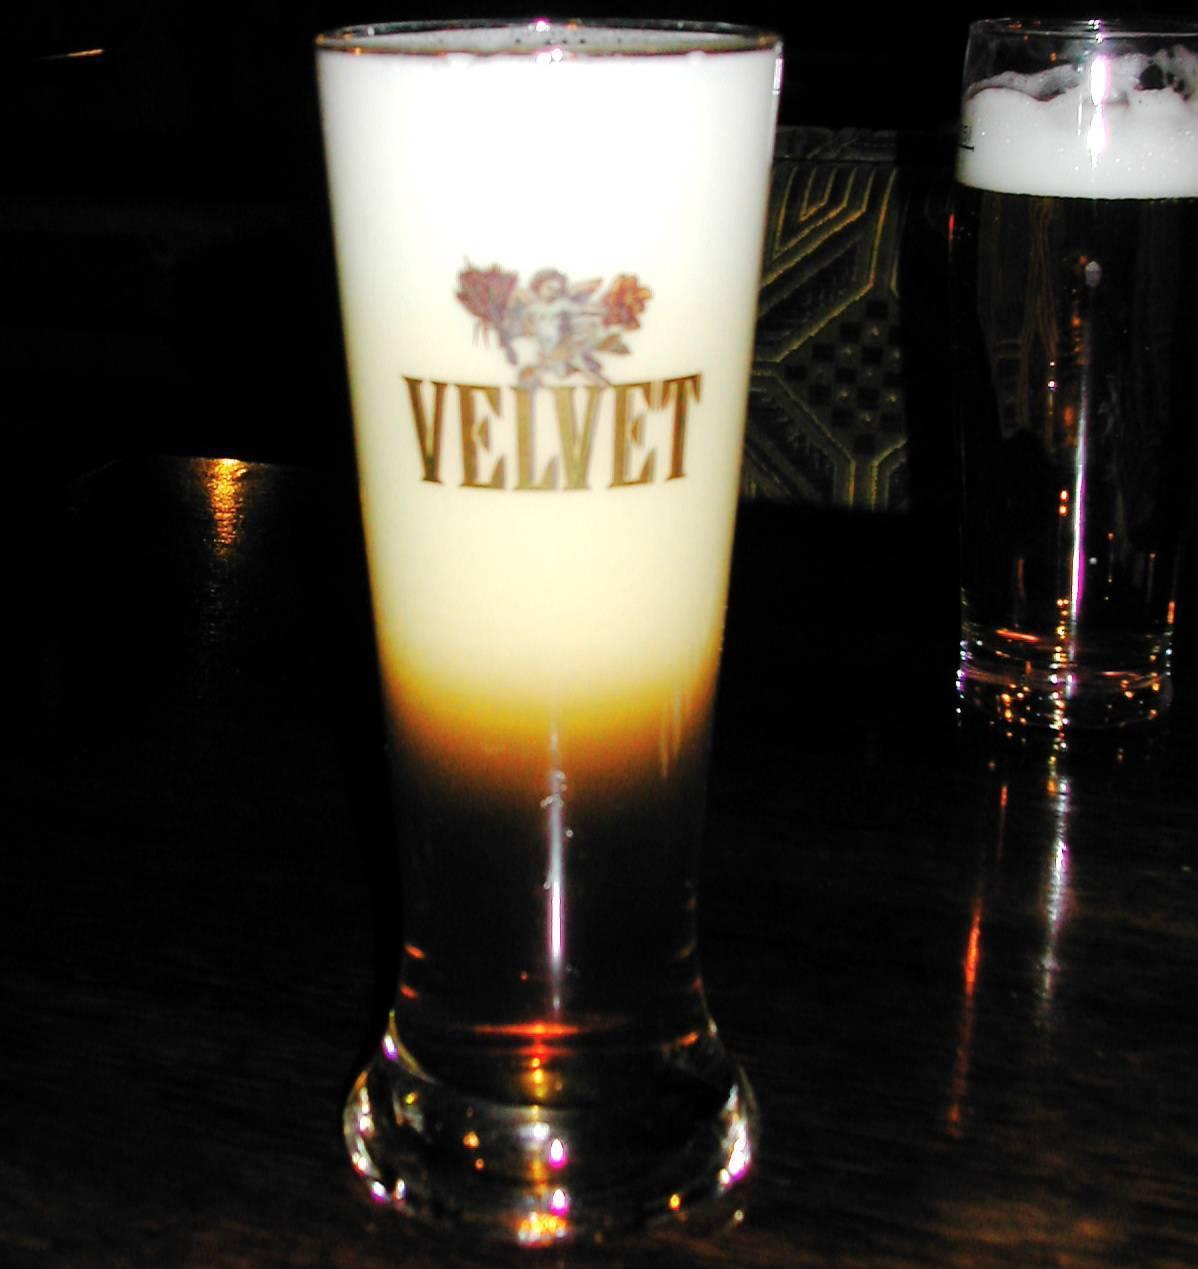 Виски black velvet («черный бархат»): описание, производитель, отзывы с чем сочитать и как пить виски